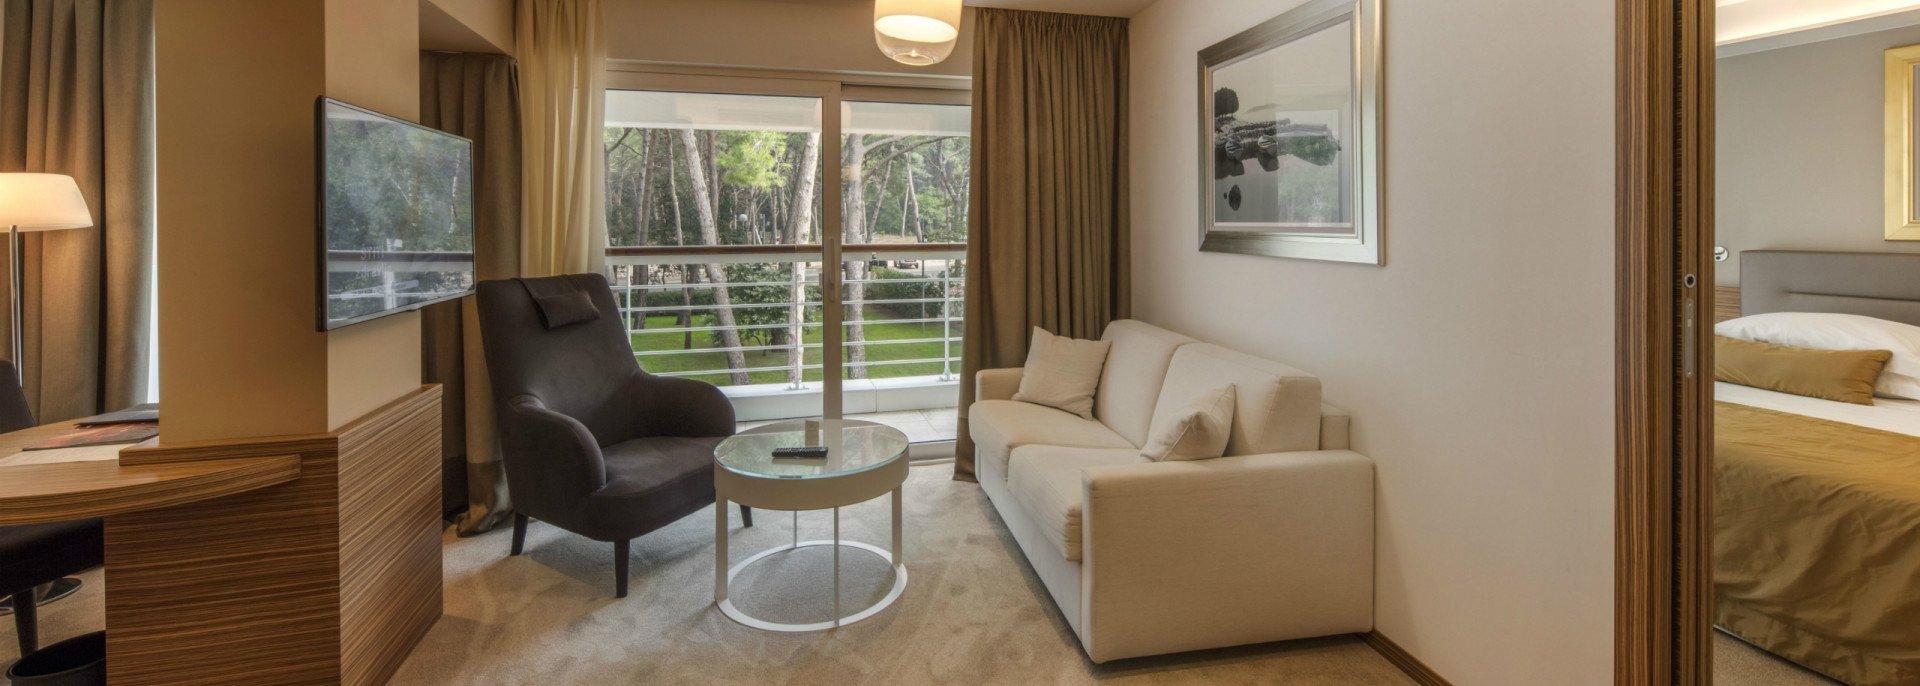 https://www.losinj-hotels.com/assets/Bellevue/Rooms-Suites/_resampled/CroppedFocusedImageWyIxOTIwIiwiNjg2IiwieSIsMjU3XQ/Junior-suite-park-side.jpg